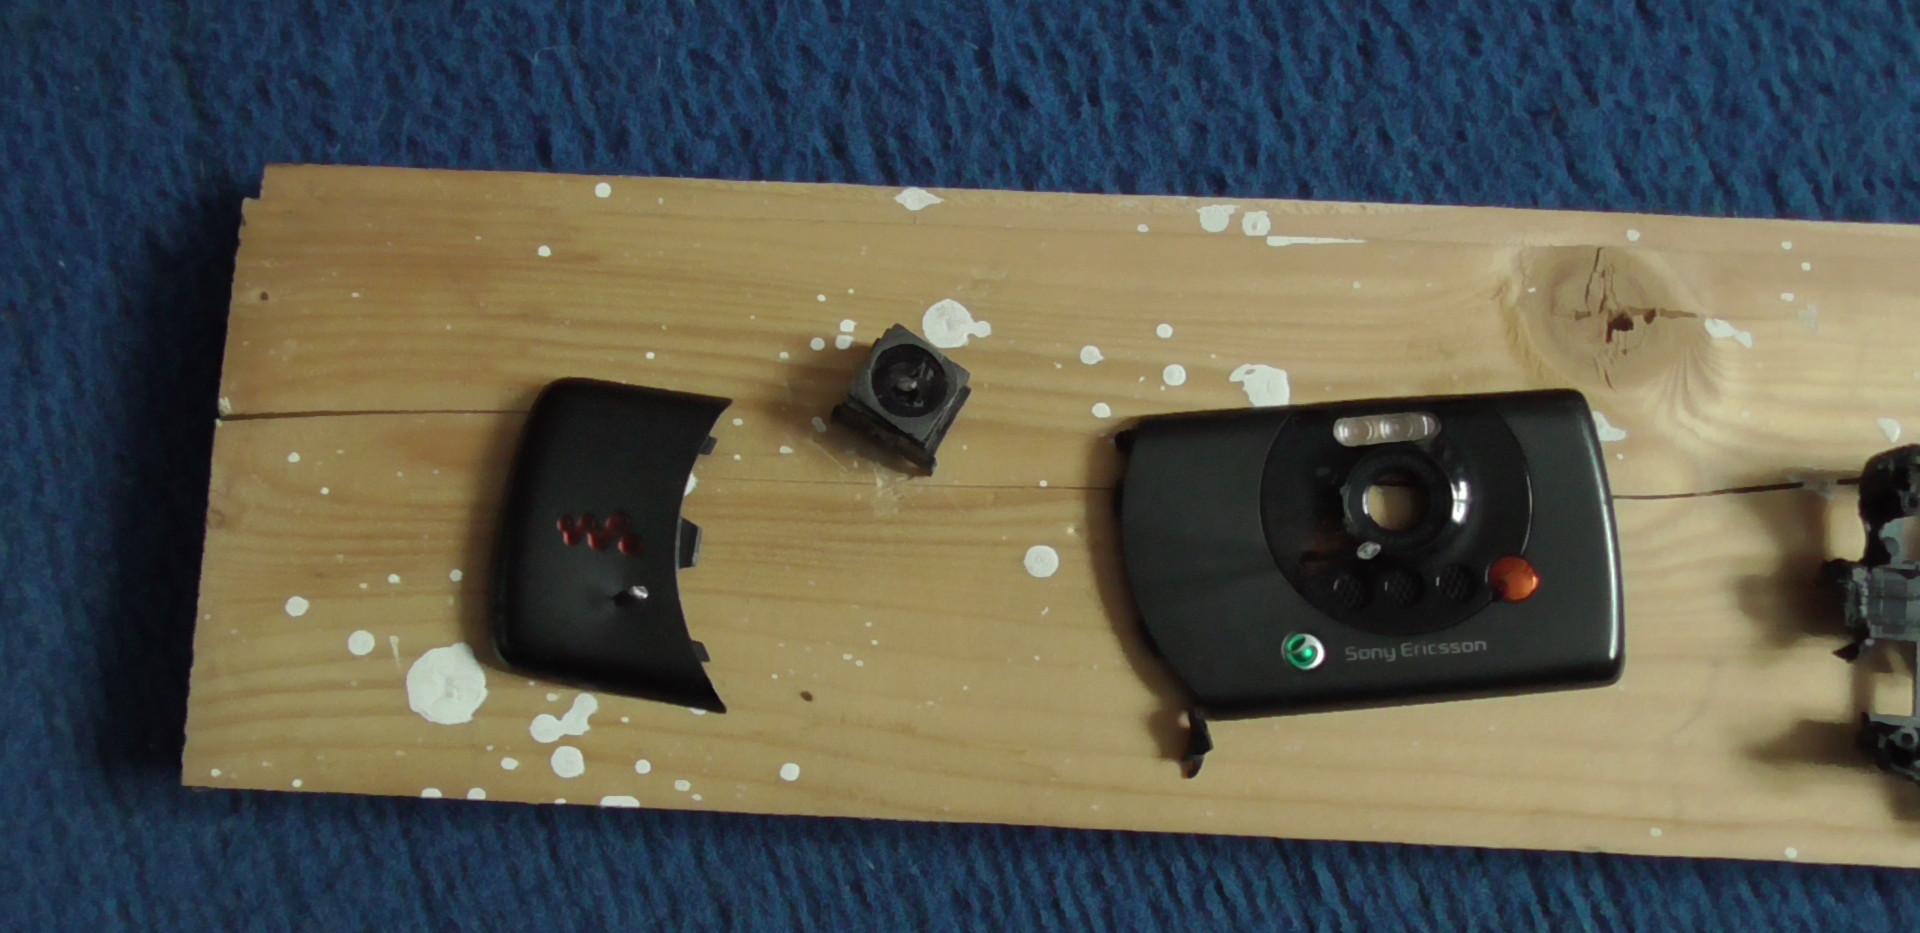 Smashed phone 2.JPG